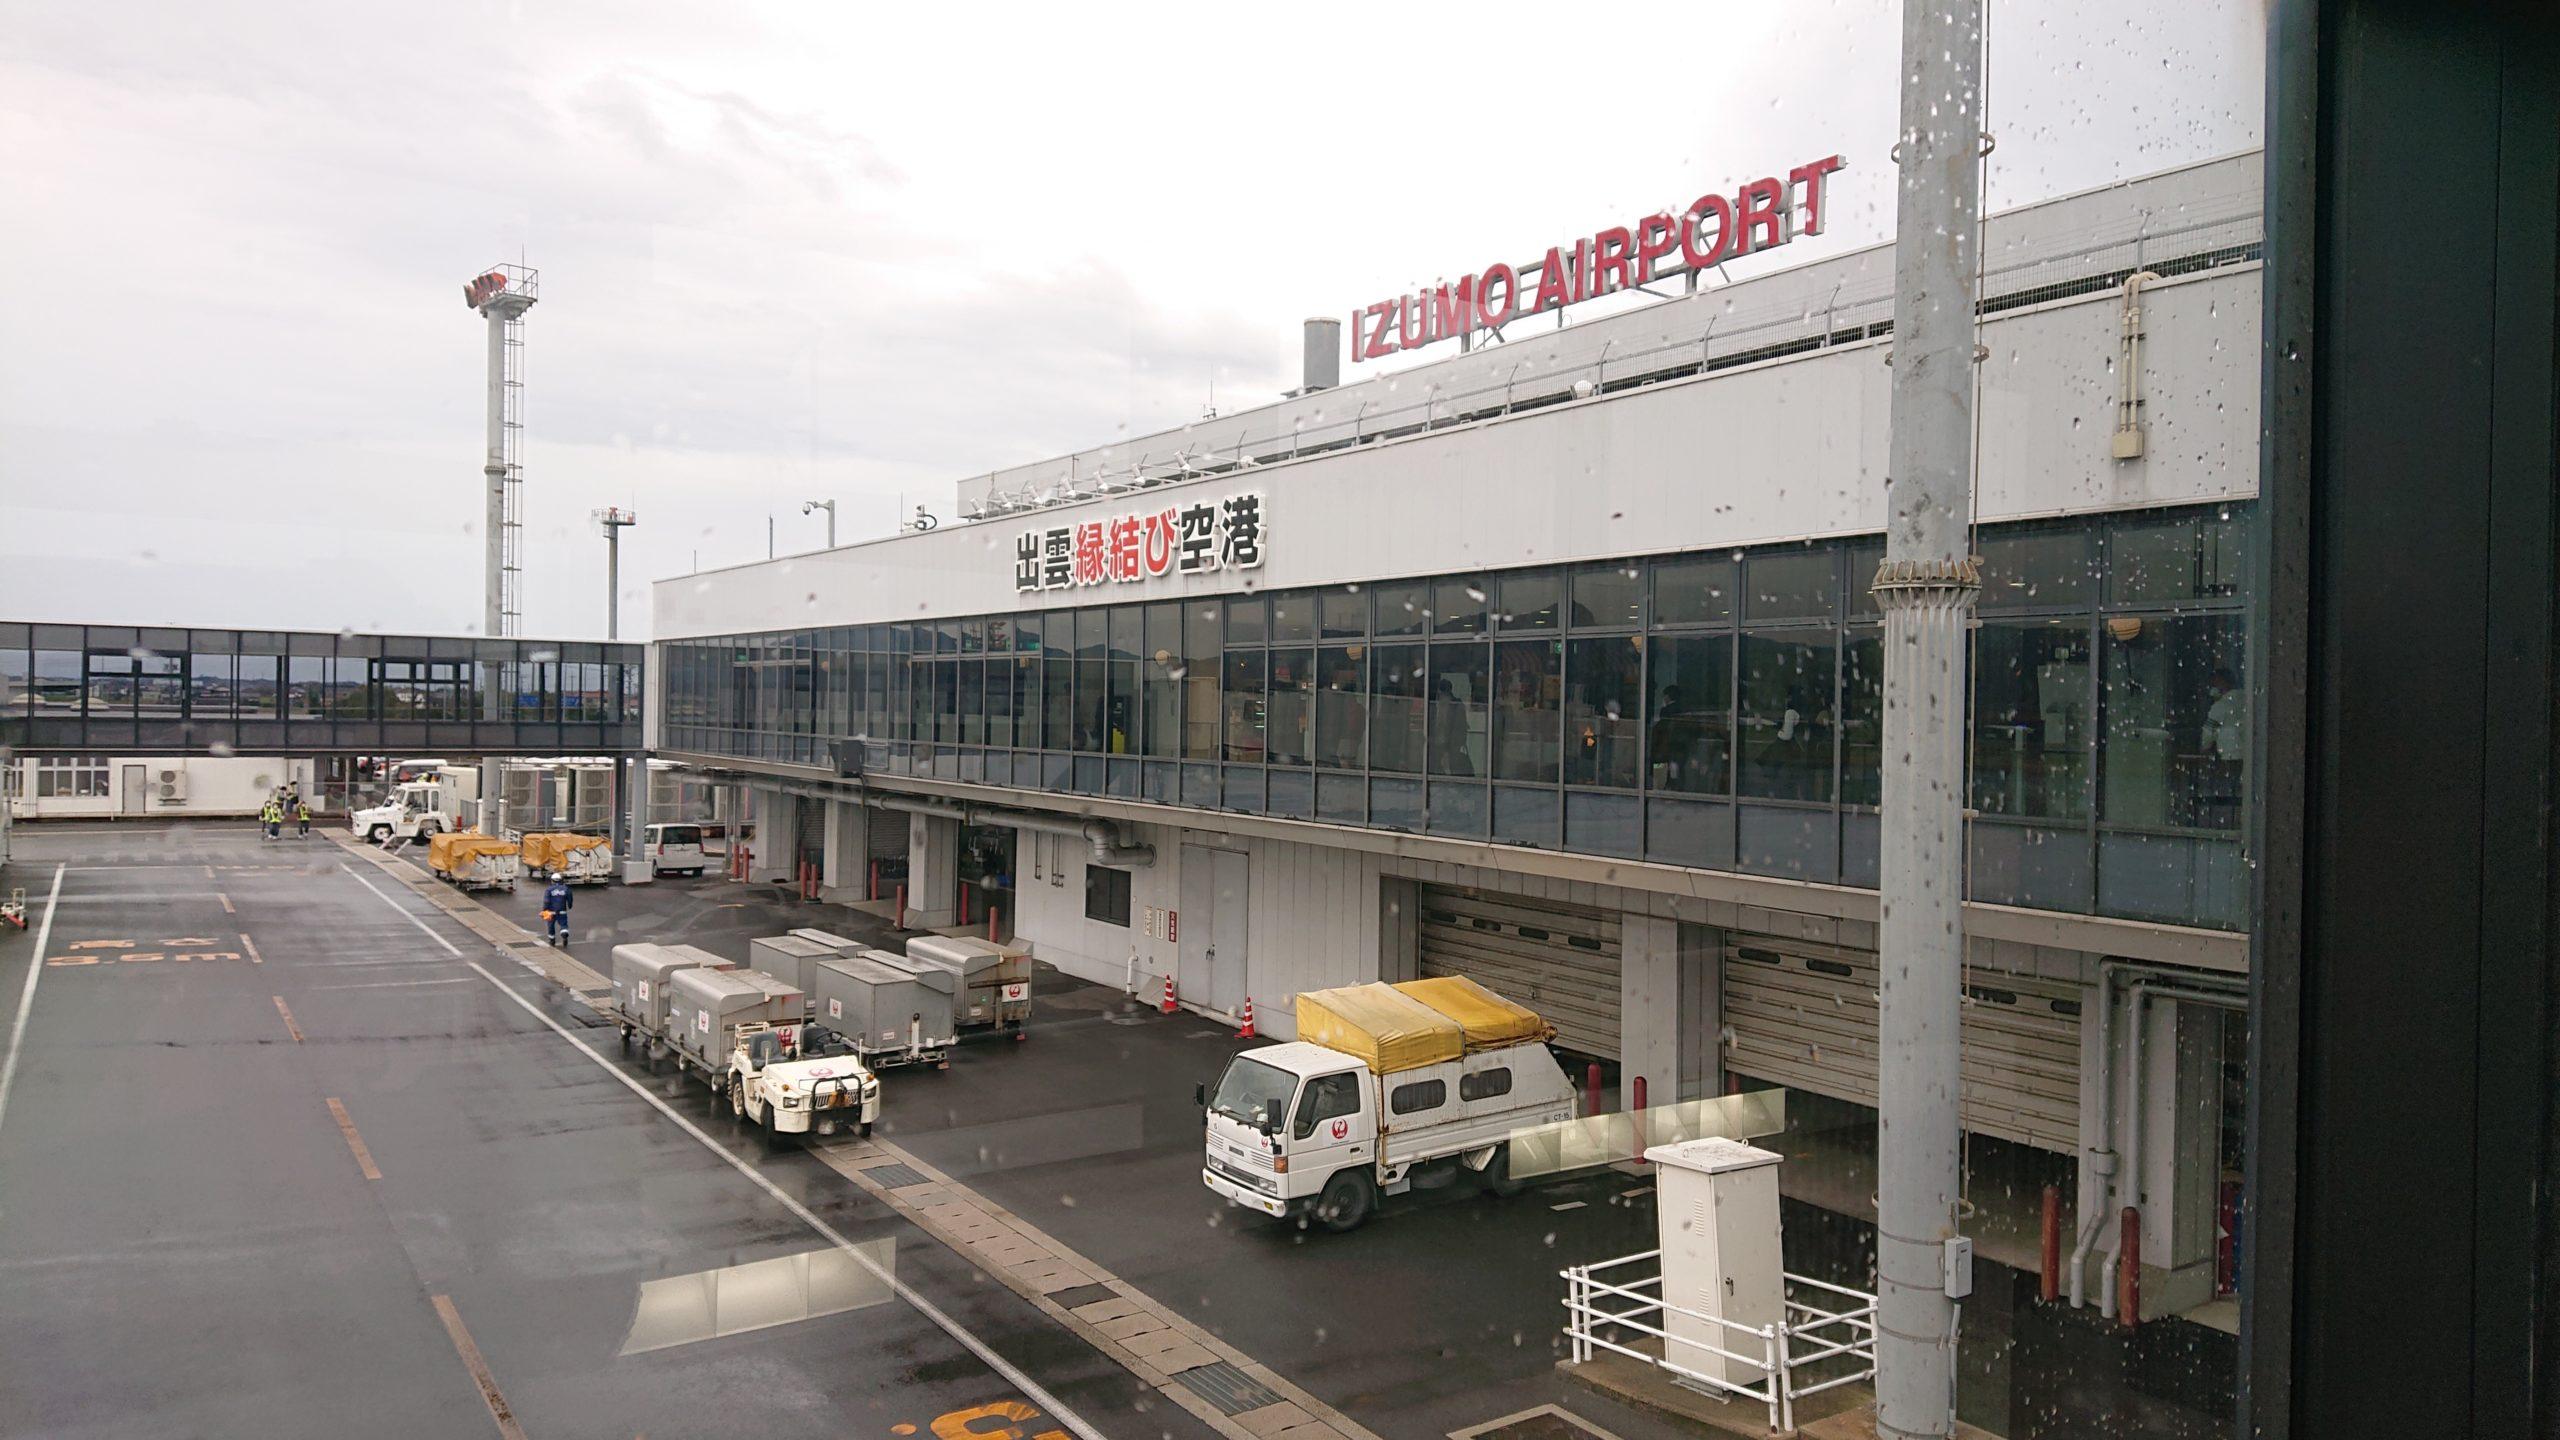 神奈川県民で土地勘ゼロな私でも分かる!出雲大社へ飛行機で行く方法3